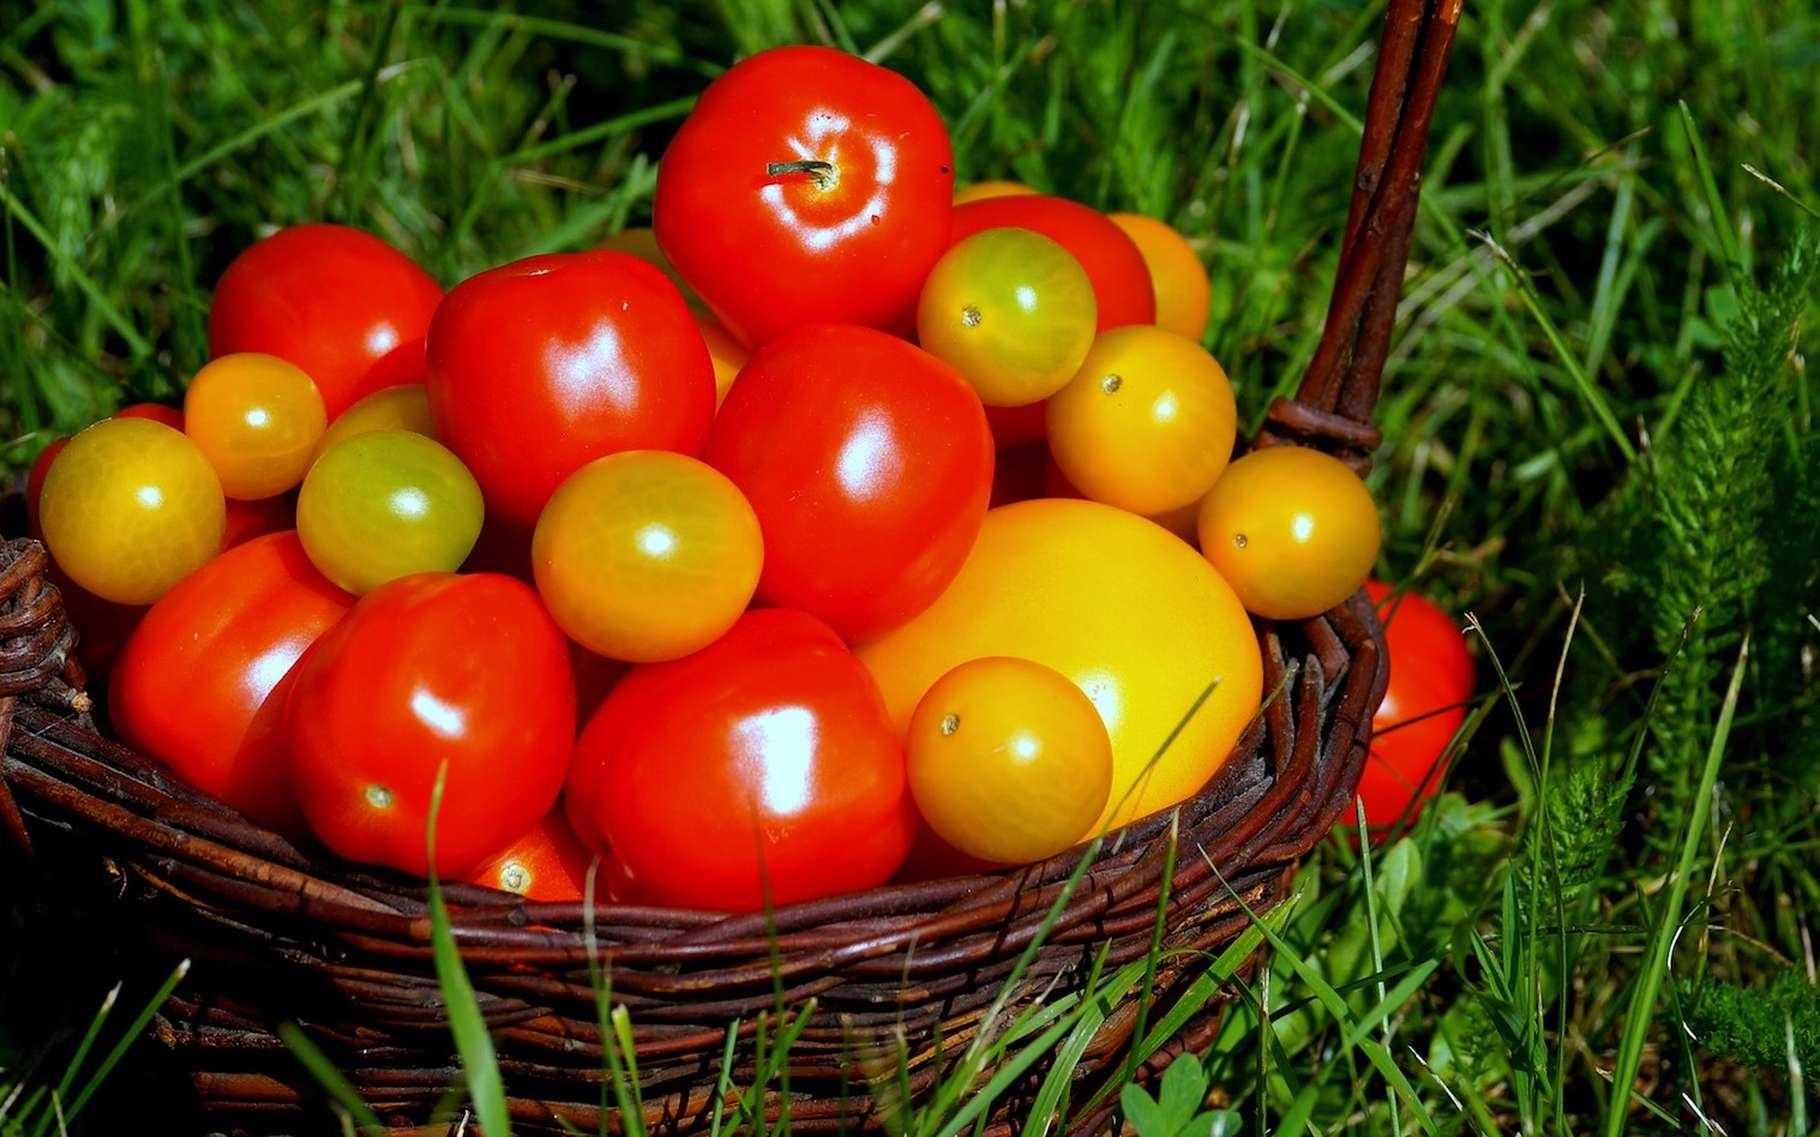 Les tomates, surtout celles que l'on trouve dans les supermarchés, ont de moins en moins de goût. La faute, semble-t-il, à une sélection malhabile. © kat_koze, Pixabay, DP